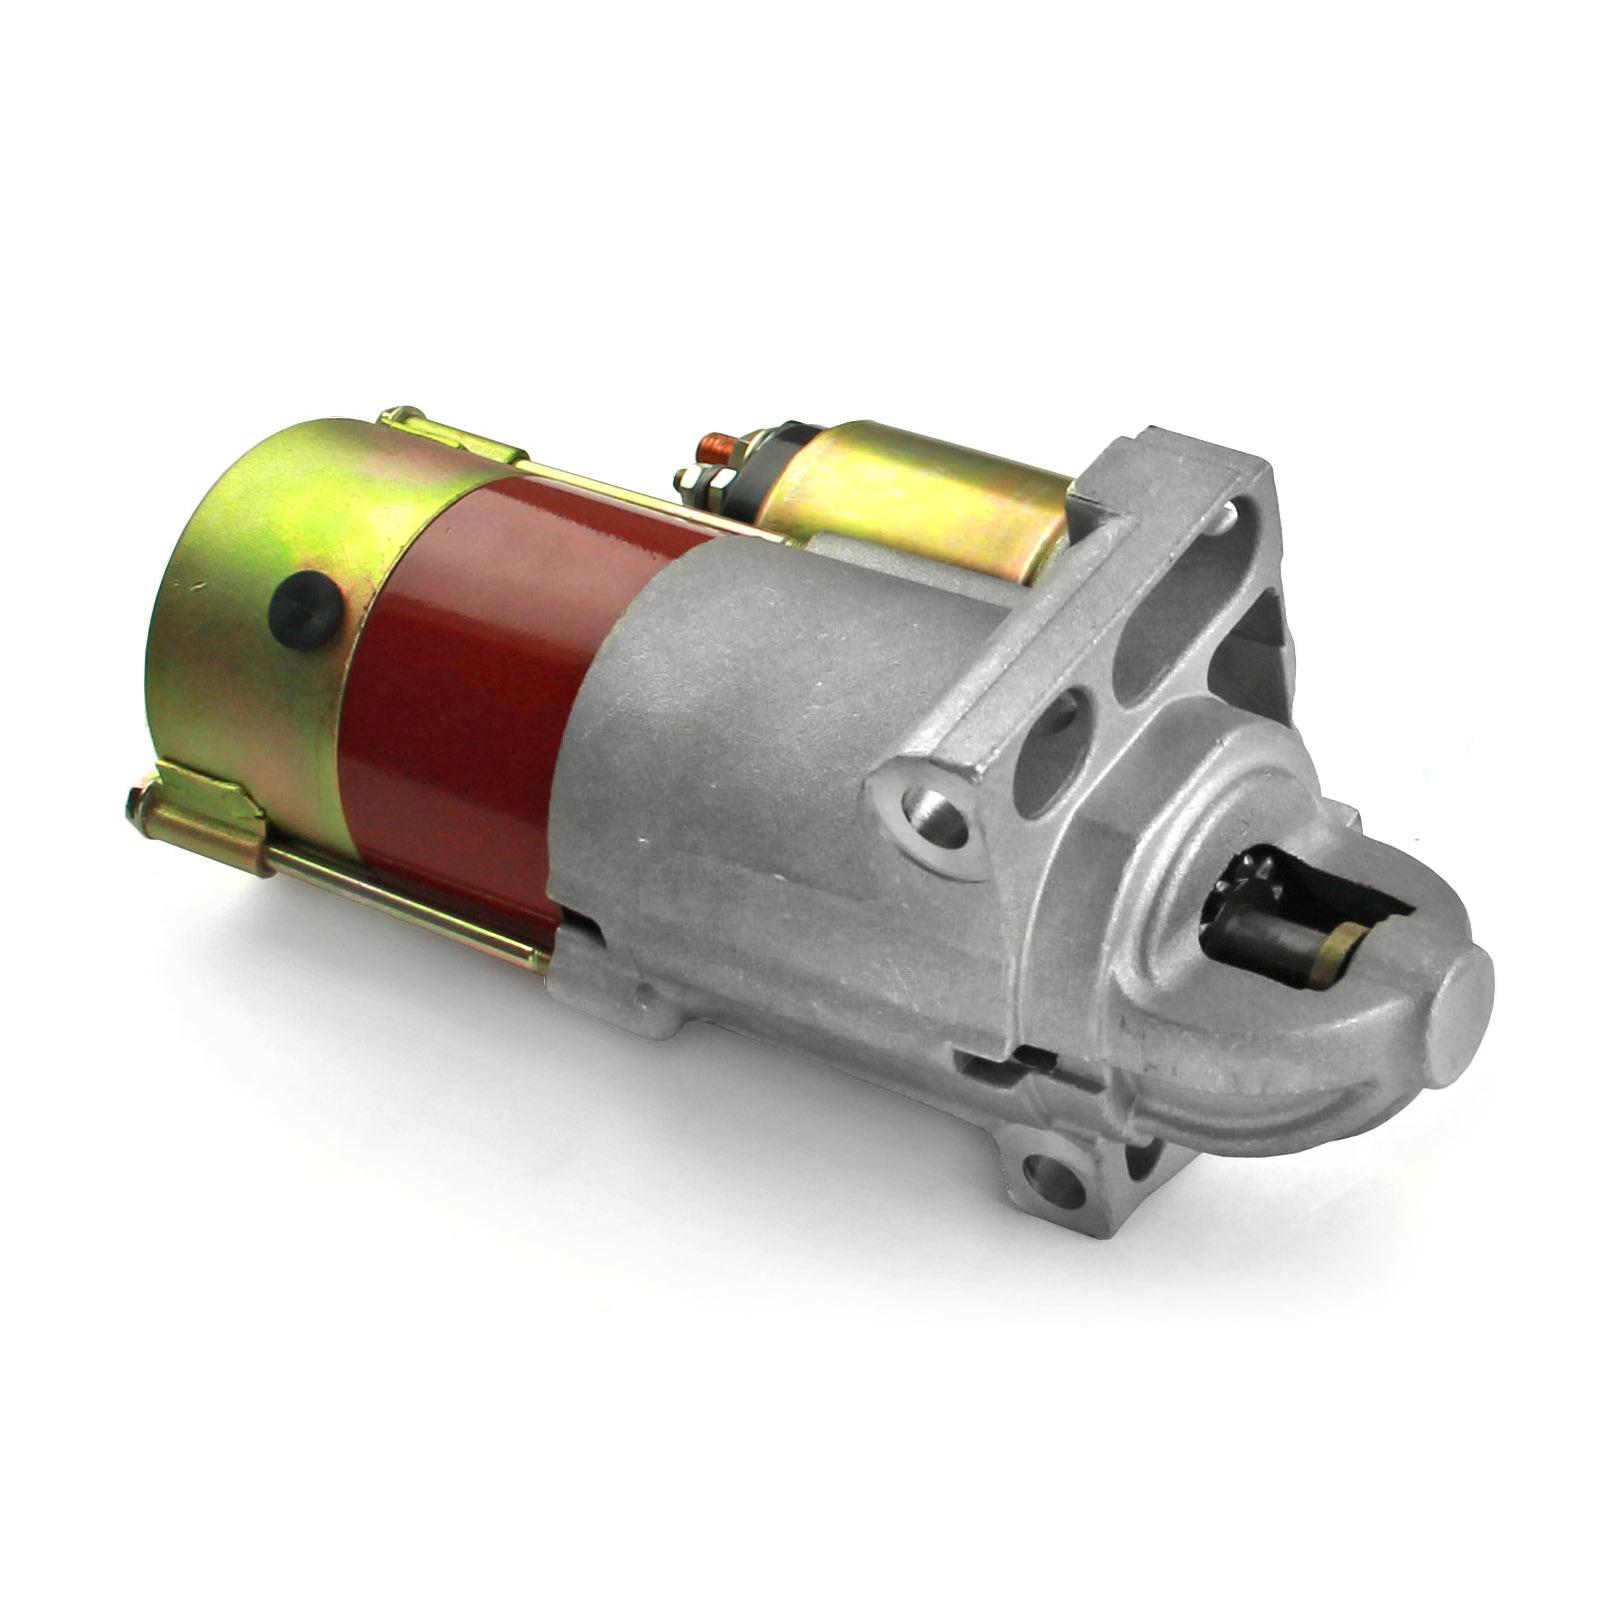 Chevy LS1 LS2 LS6 LS7 High Torque Starter Motor